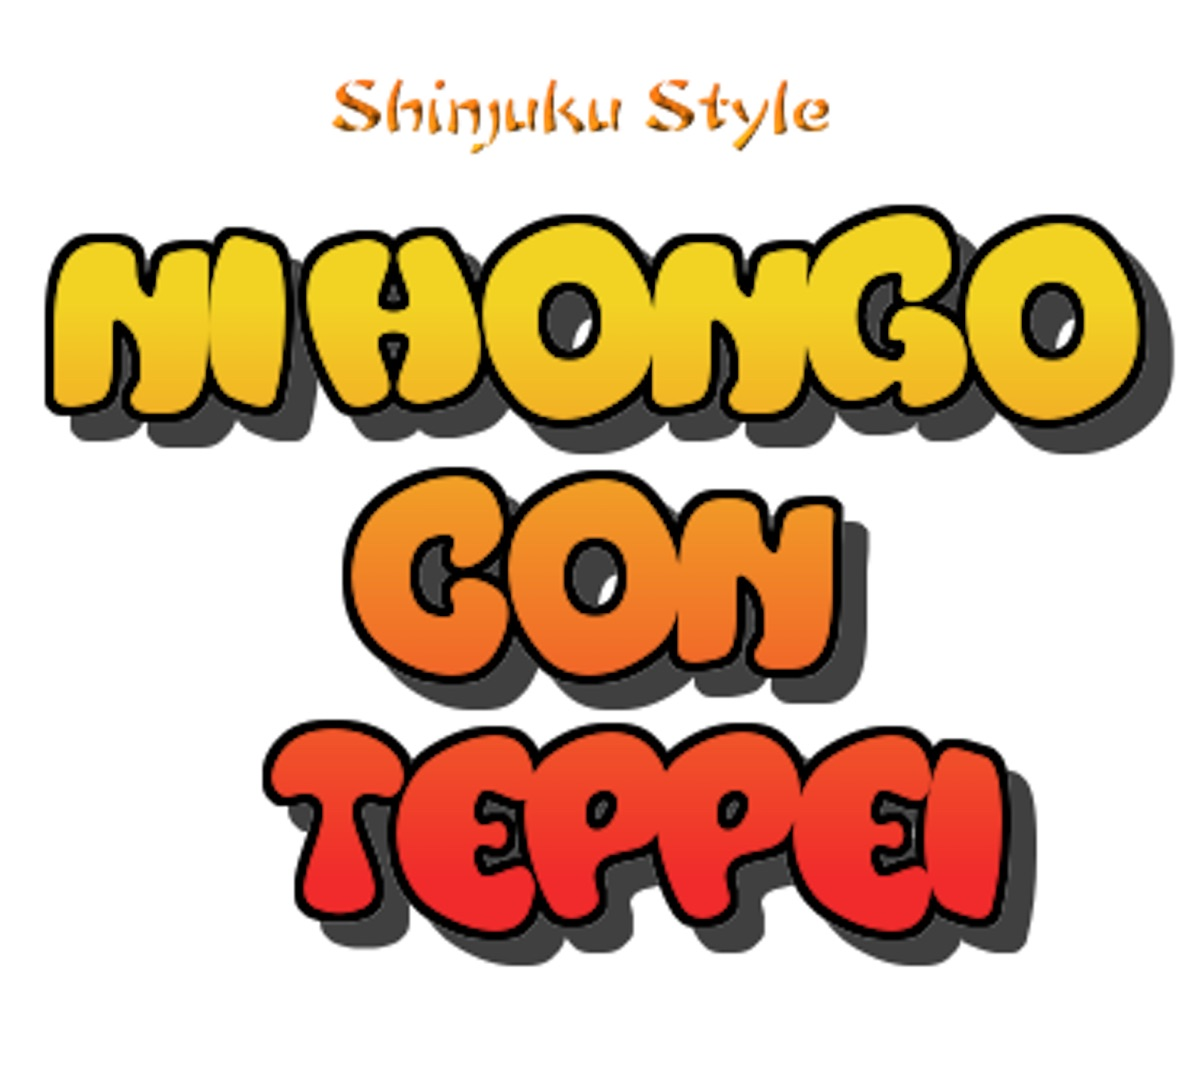 Nihongo con Teppei